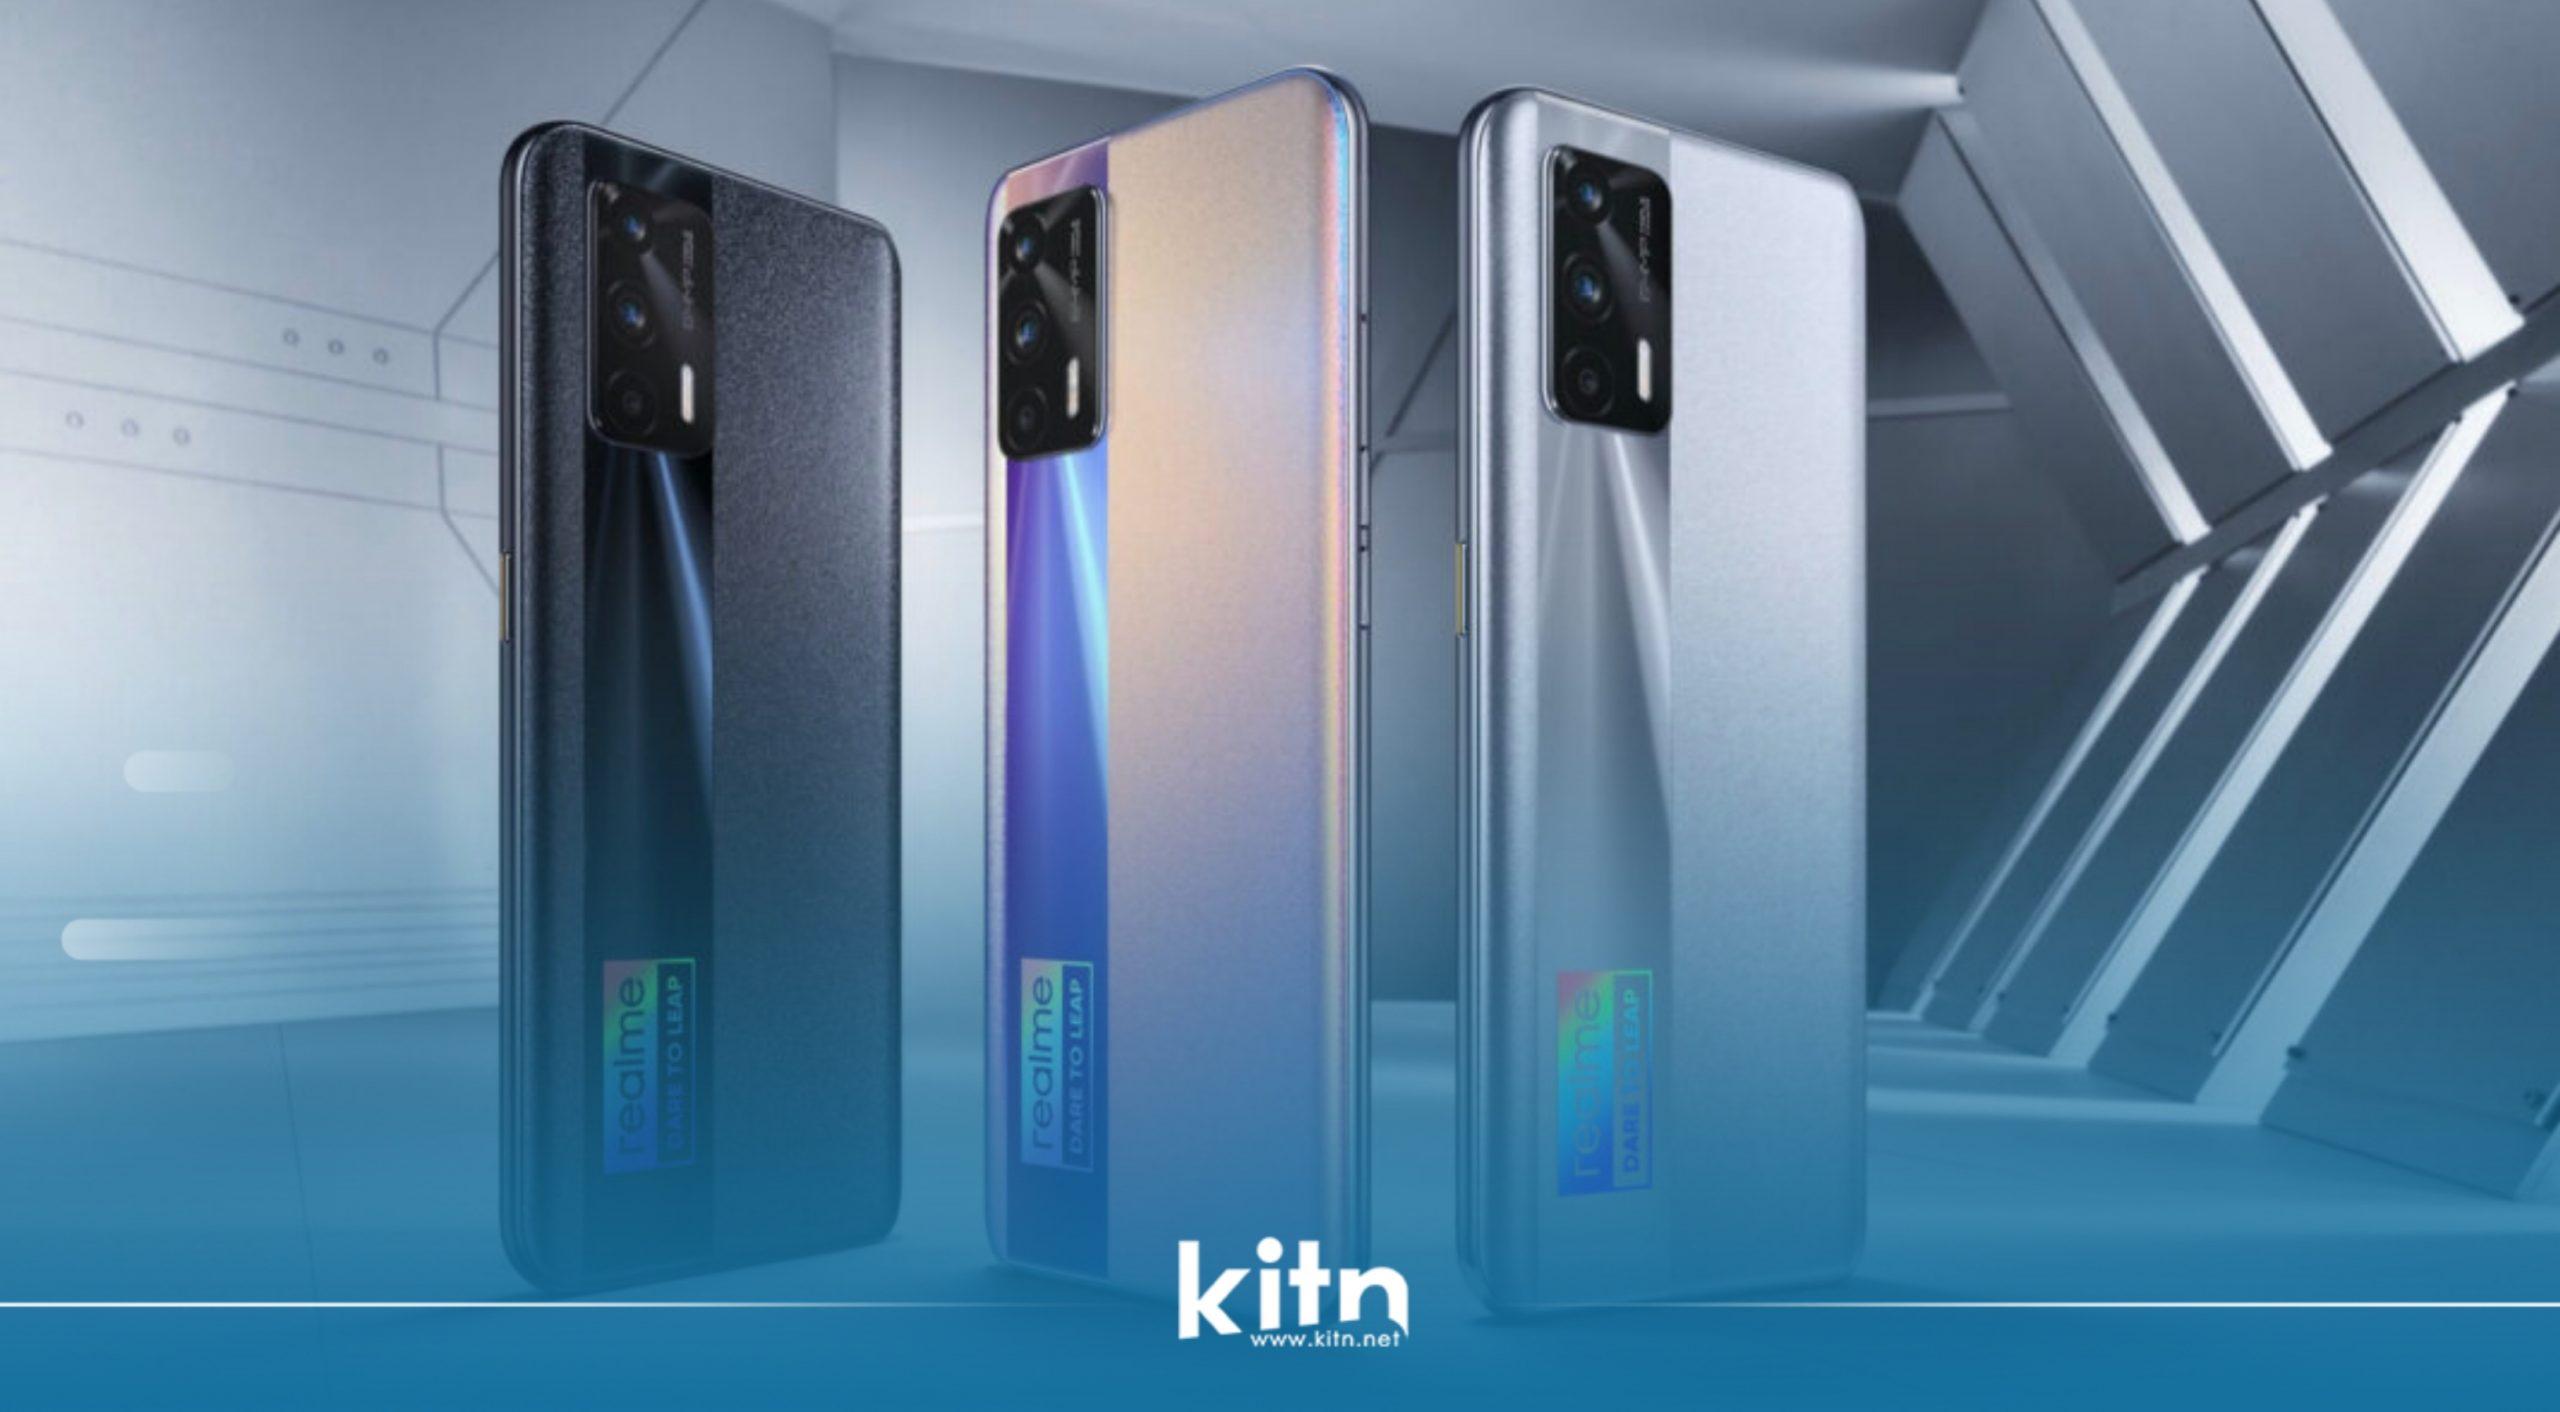 بە فەرمی مۆبایلی Realme GT Neo بە چیپسێتی Mediatek Dimensity 1200 و ڕوونمای 120 هێرتز و نرخی دەستپێکی 274 دۆلار لە چین نمایش کرا